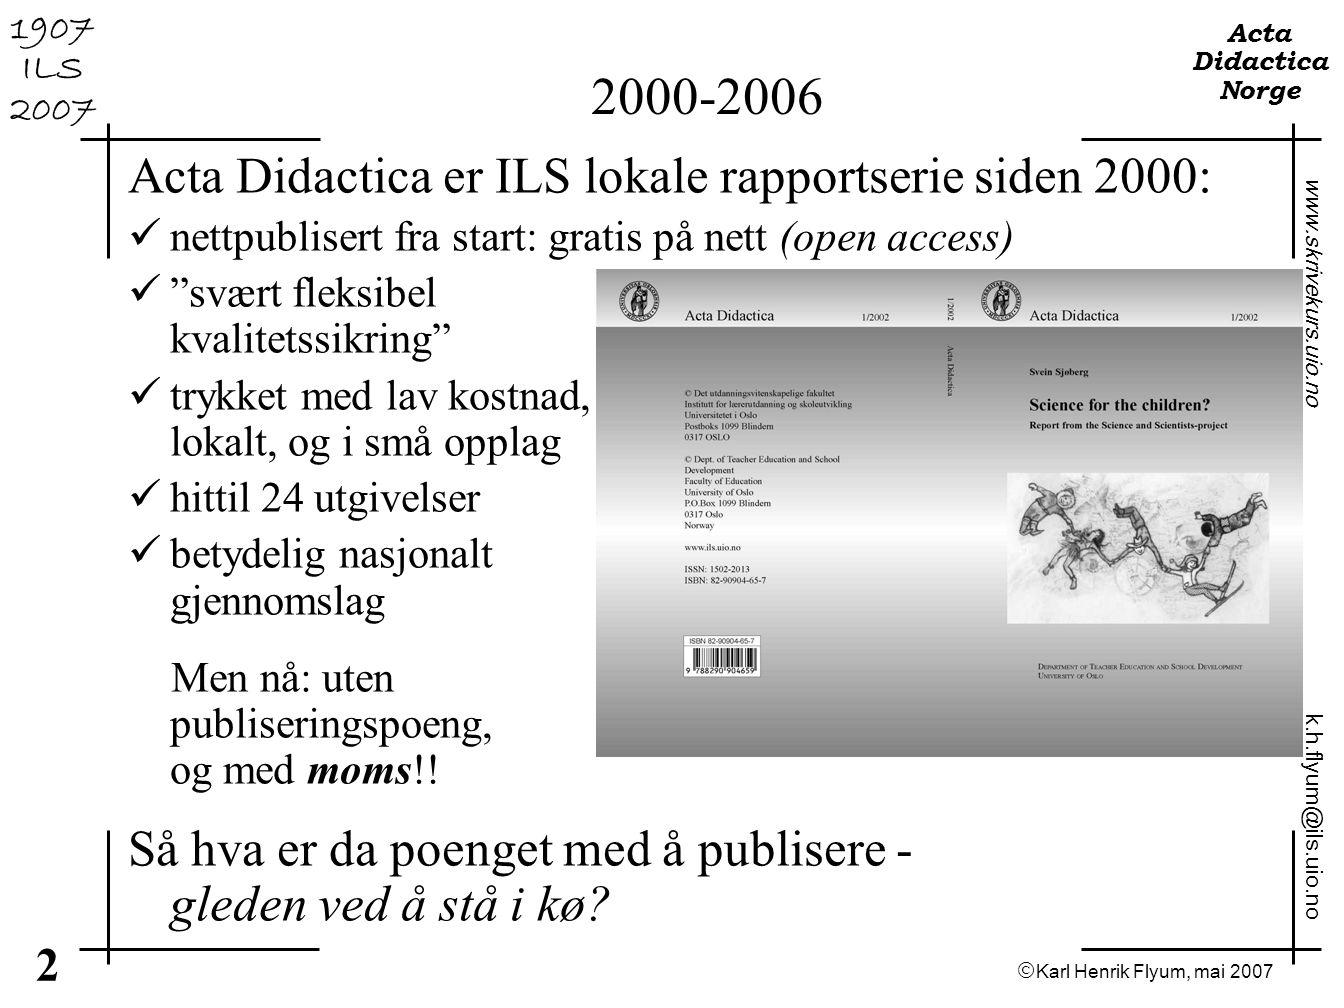  Karl Henrik Flyum, mai 2007 3 www.skrivekurs.uio.no k.h.flyum@ils.uio.no Acta Didactica Norge 1907 ILS 2007 Det som teller er fagfeller Vekt på forskning - vilkårene for akkrediteringsnivå 1 1.De publiserte bidragene skal være forsvarlig fagfellevurdert (peer review) 2.De publiserte manuskriptene skal ha gått igjennom en forlagsmessig bearbeiding, med redaksjonelt overvåket manuskriptredigering, layout og korrektur 3.Ingen enkelt institusjon kan ha så mye som 50 % av de publiserte bidragene 4.Nettsted kan telle, selv om vilkårene for uttelling ikke er særlig klare, men Open Access-tidsskrift er nevnt spesielt (s.